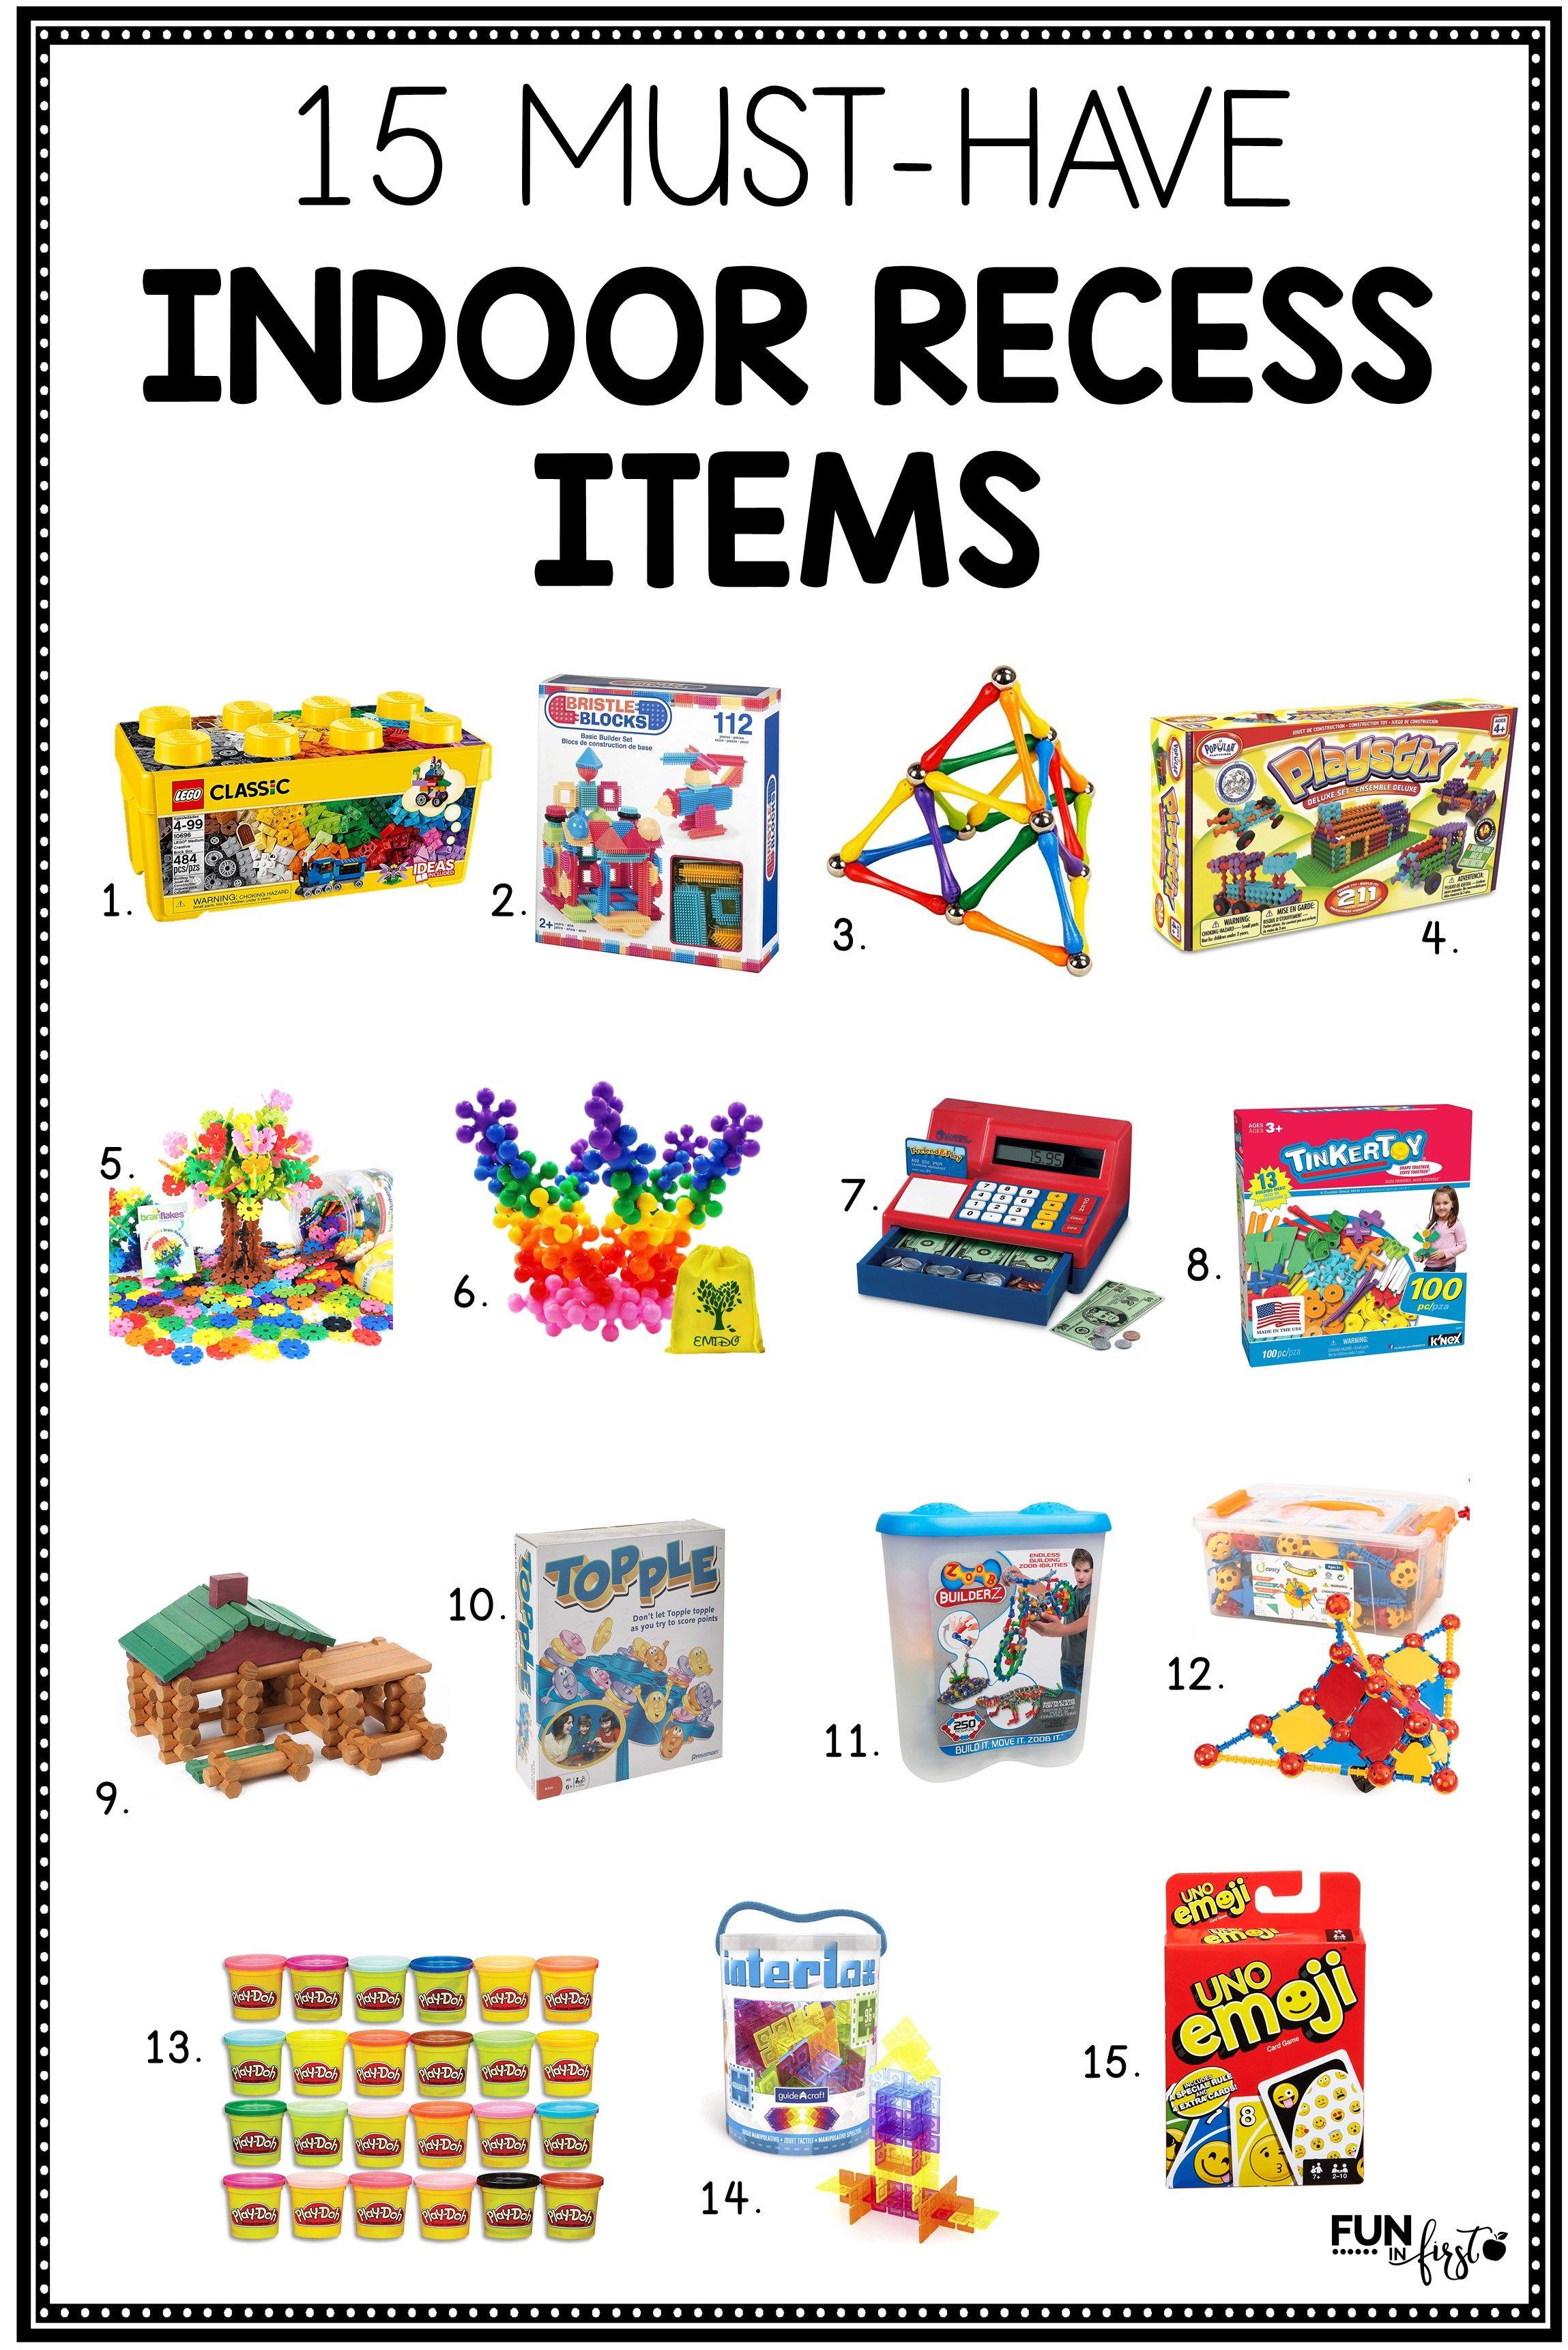 15 MustHave Indoor Recess Items Indoor recess, Teaching